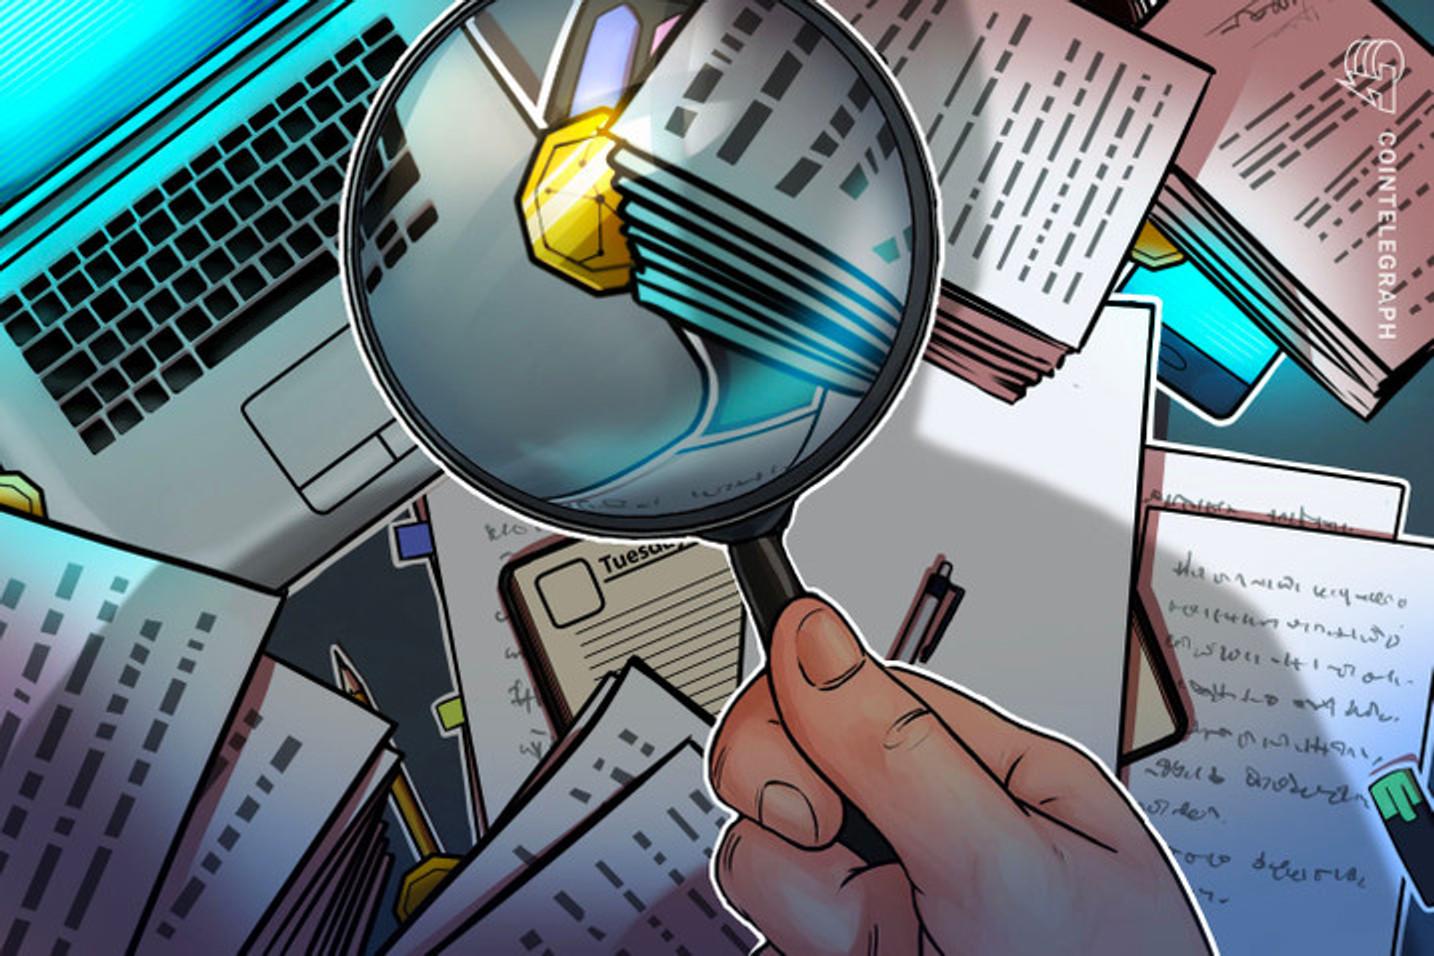 Director de Cumplimiento Normativo de Bitnovo dijo que es necesaria una regulación rigurosa para brindar seguridad a consumidores de criptoactivos